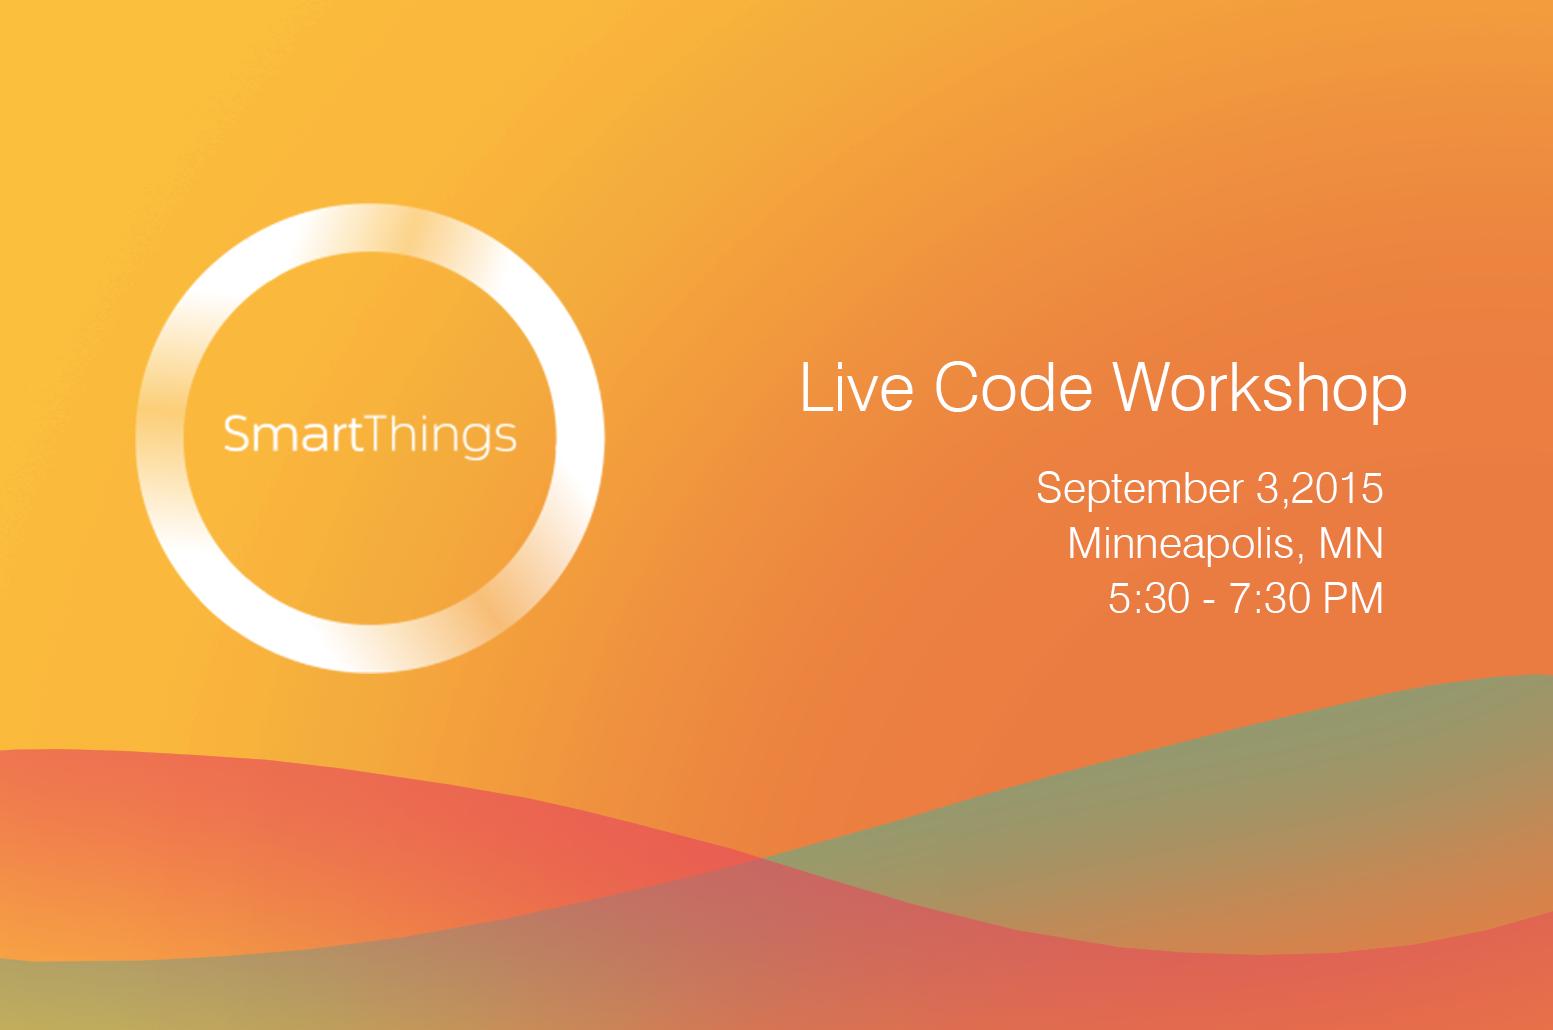 SmartThings LiveCode Workshop - Splash